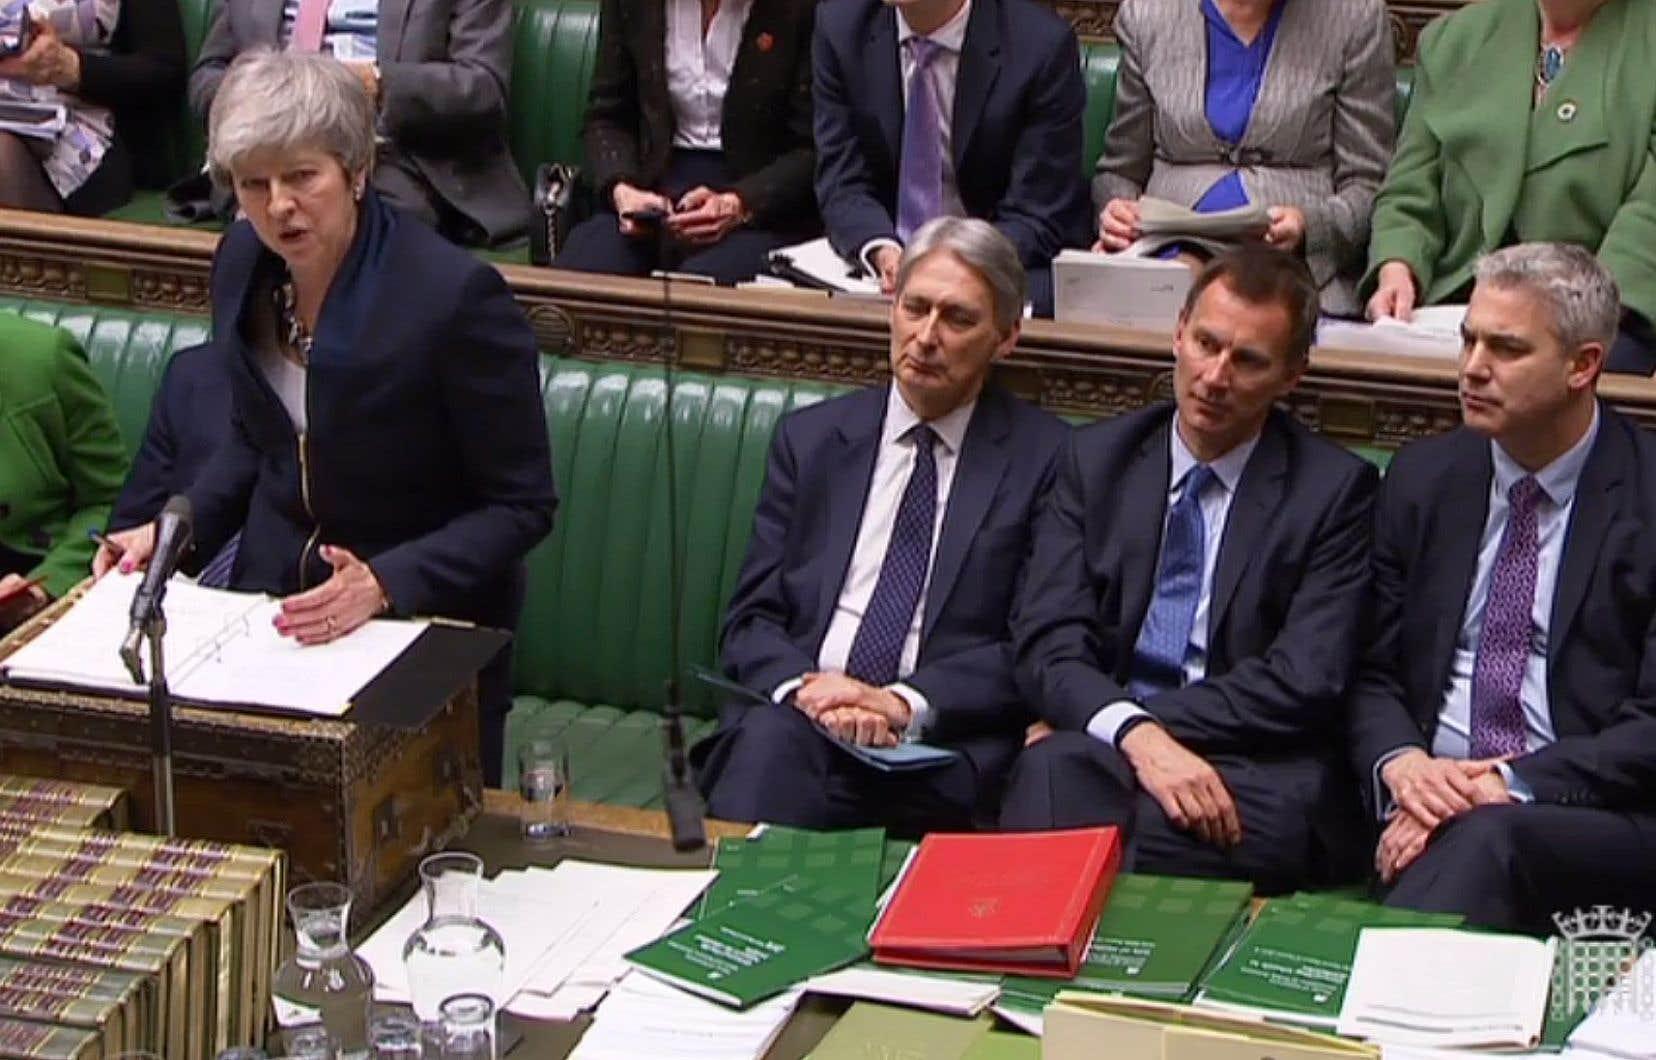 Plusieurs ministres du gouvernement de Theresa May ont menacé de démissionner ces derniers jours si le risque d'une sortie sans accord se concrétisait.